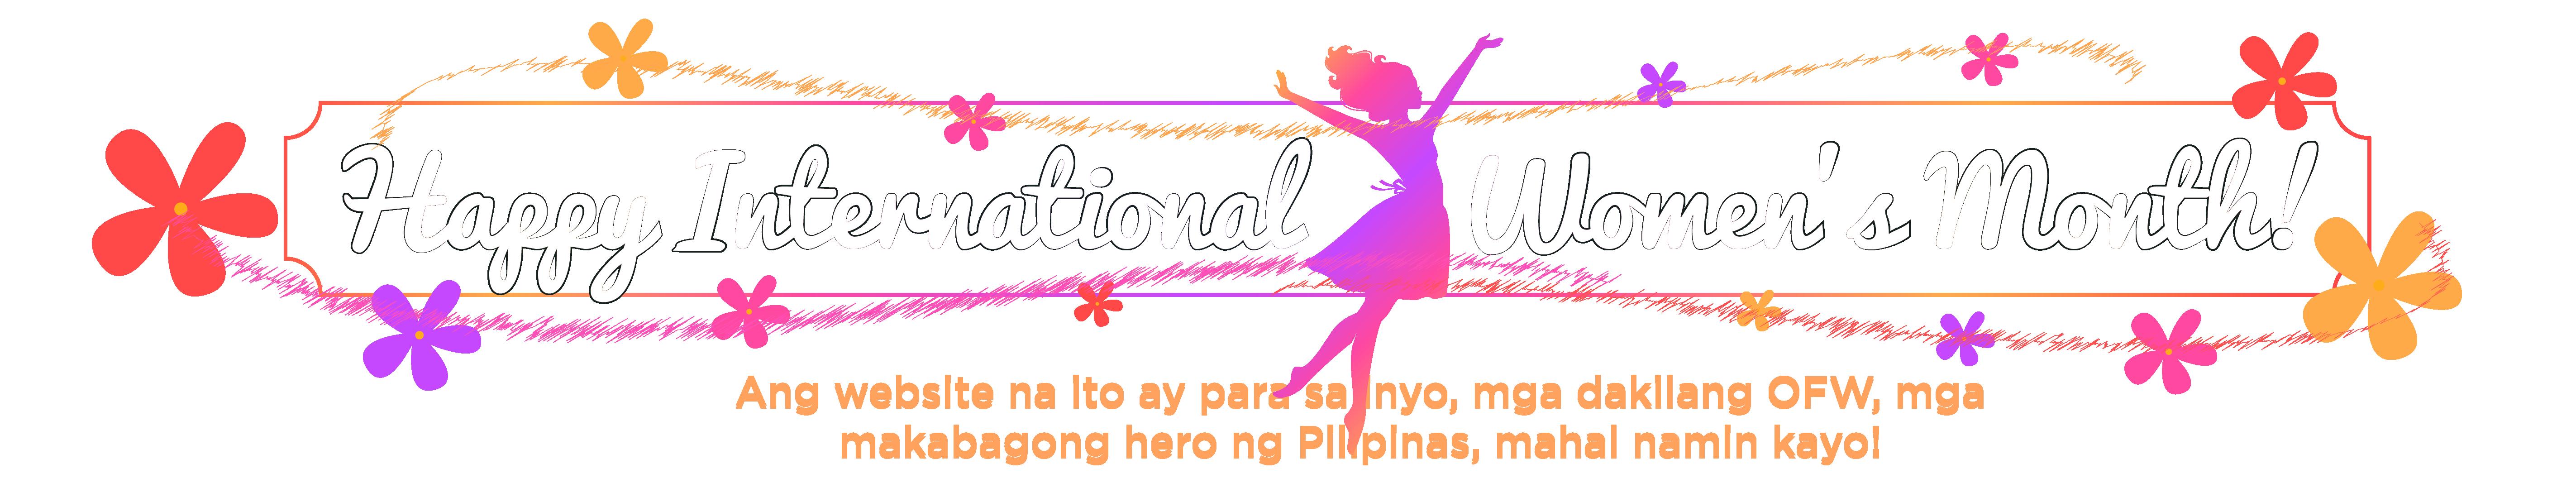 Welcome, Kabayan! Ang website na ito ay para sa inyo, mga dakilang OFW, mga makabagong hero ng Pilipinas, mahal namin kayo!